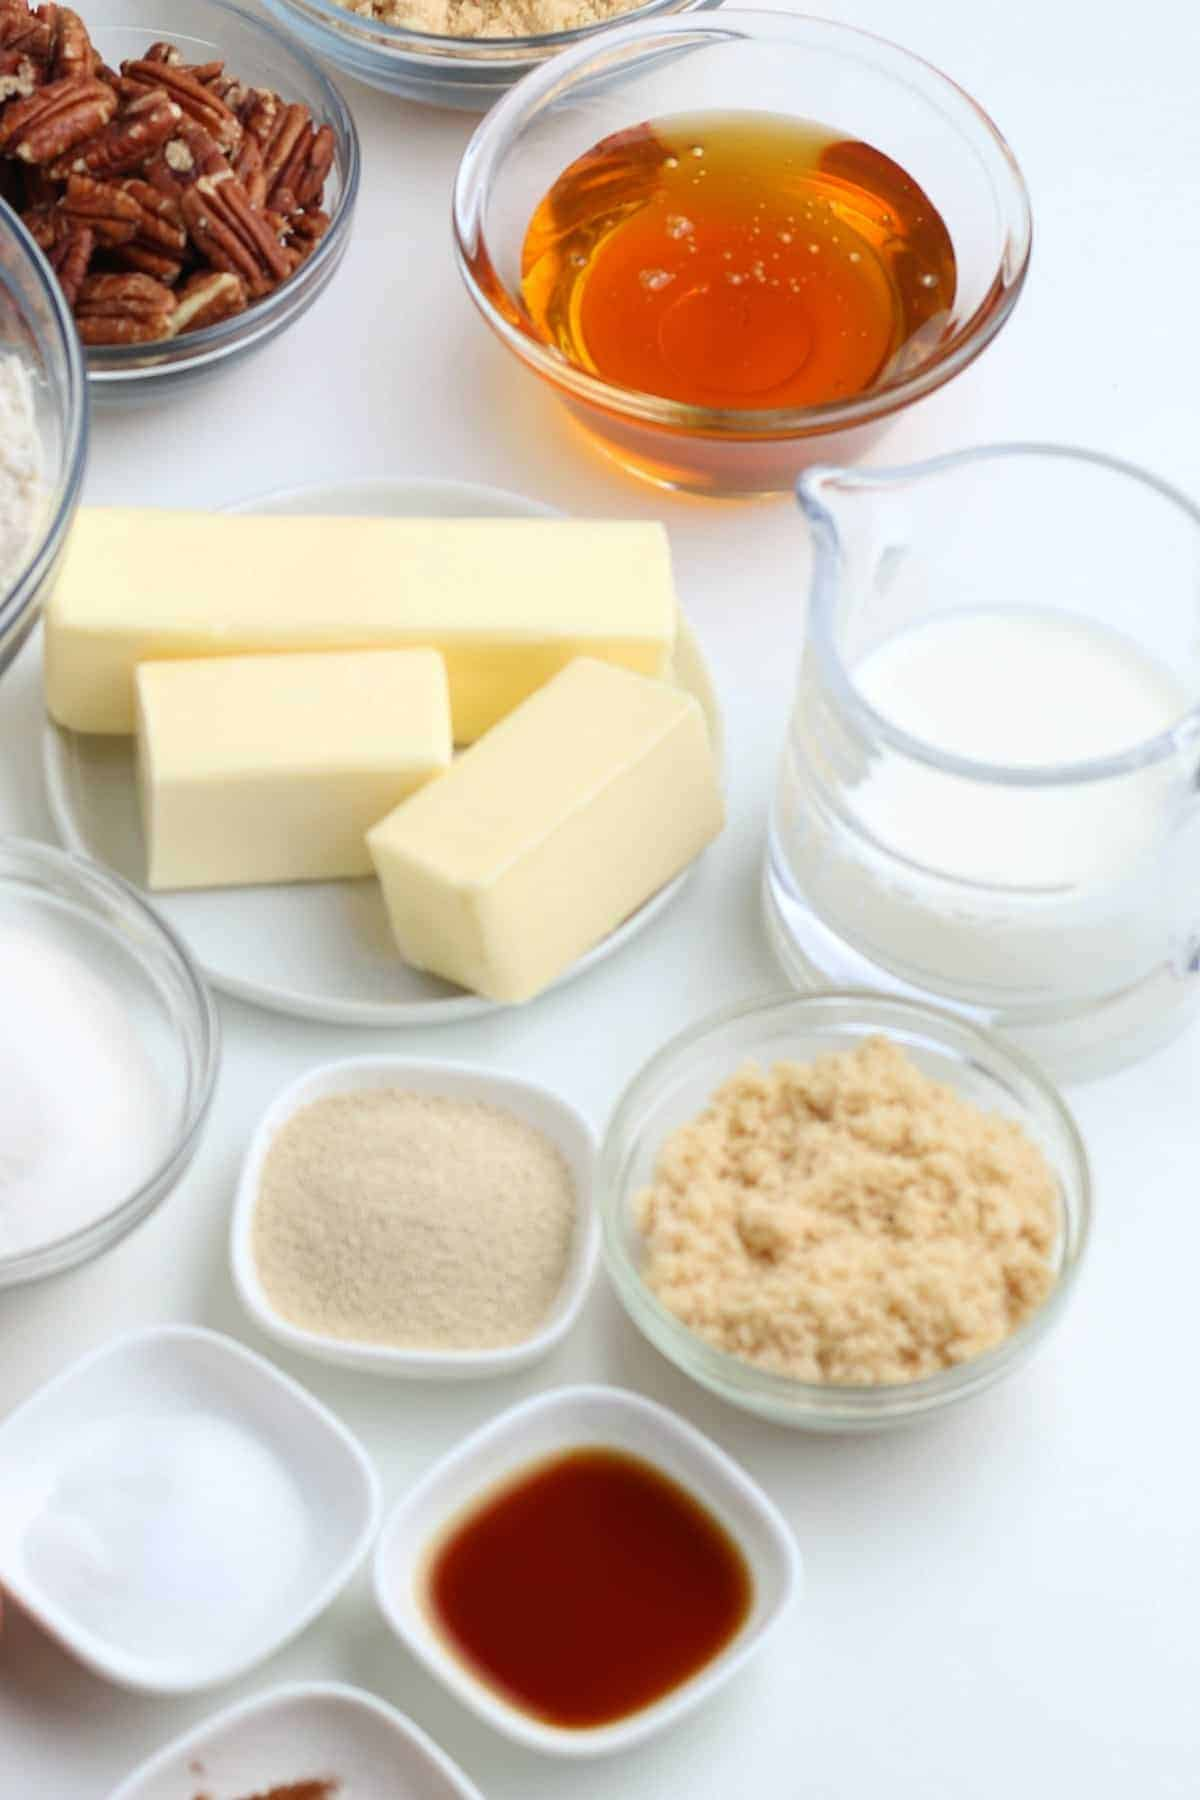 Ingredients to make vegan sticky buns.